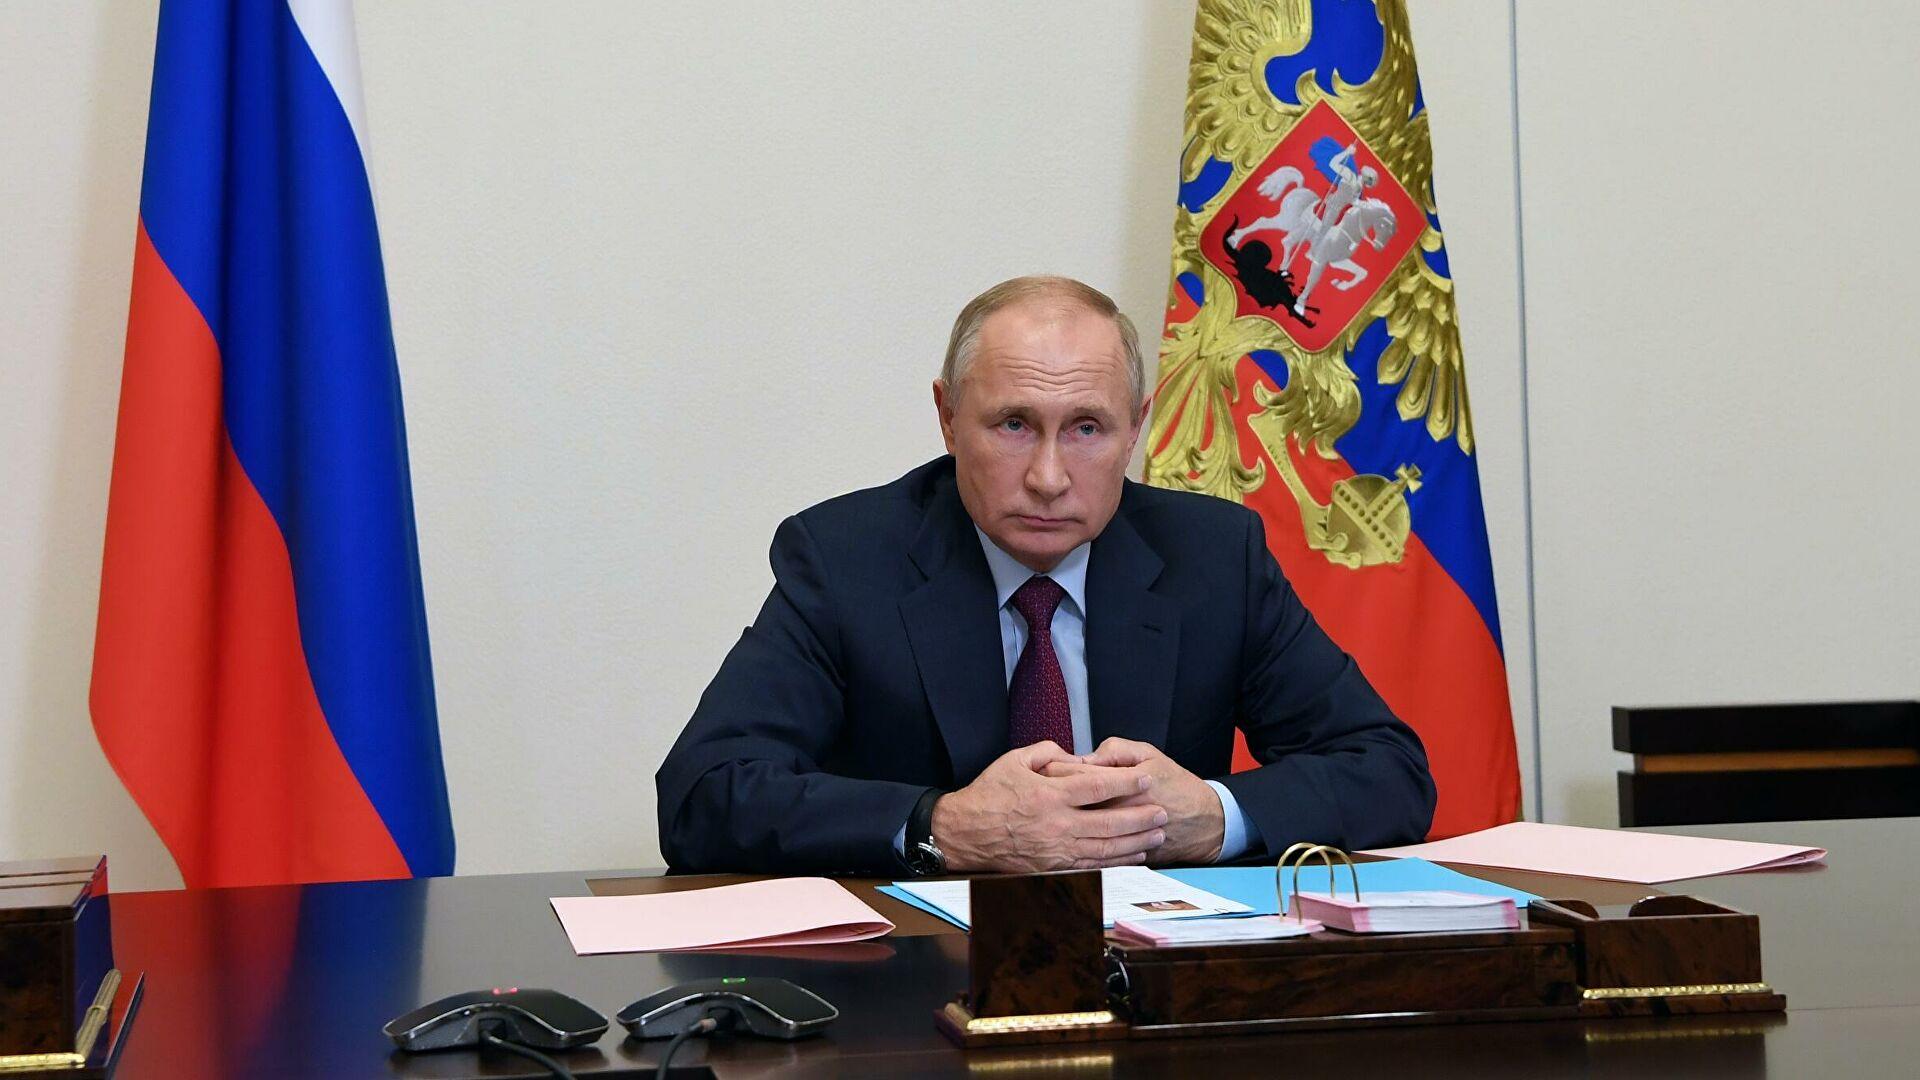 Песков: Главна тема председника Путина на самиту Г20 биће борба против коронавируса